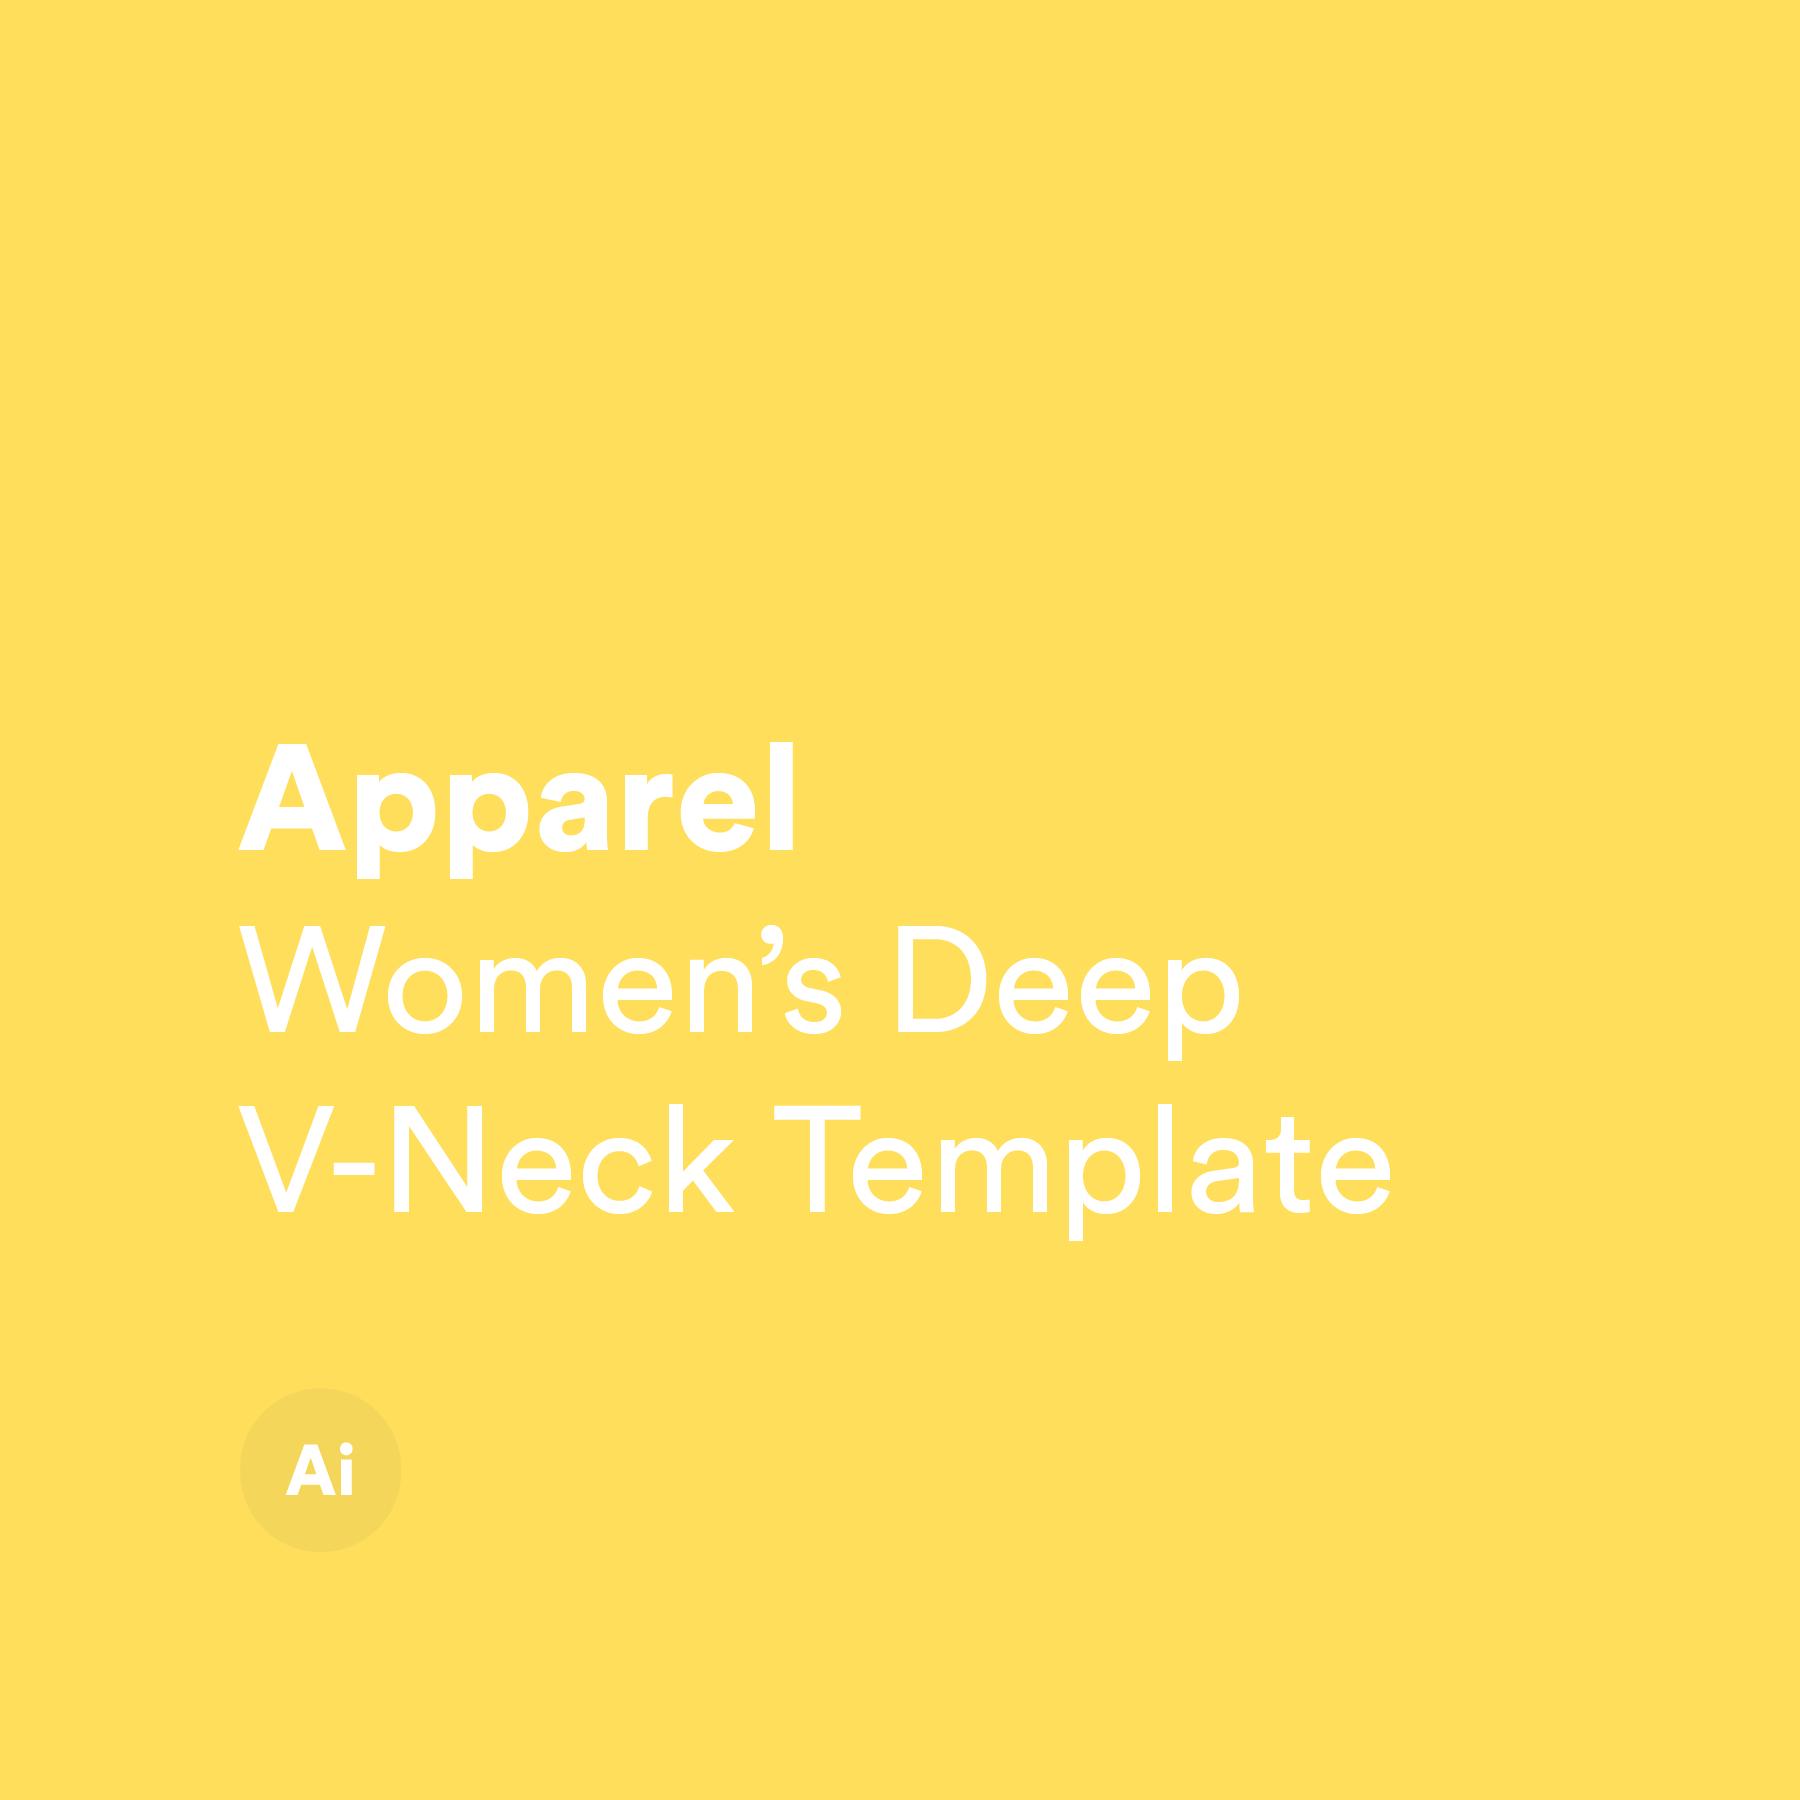 Women's Deep V-Neck Template